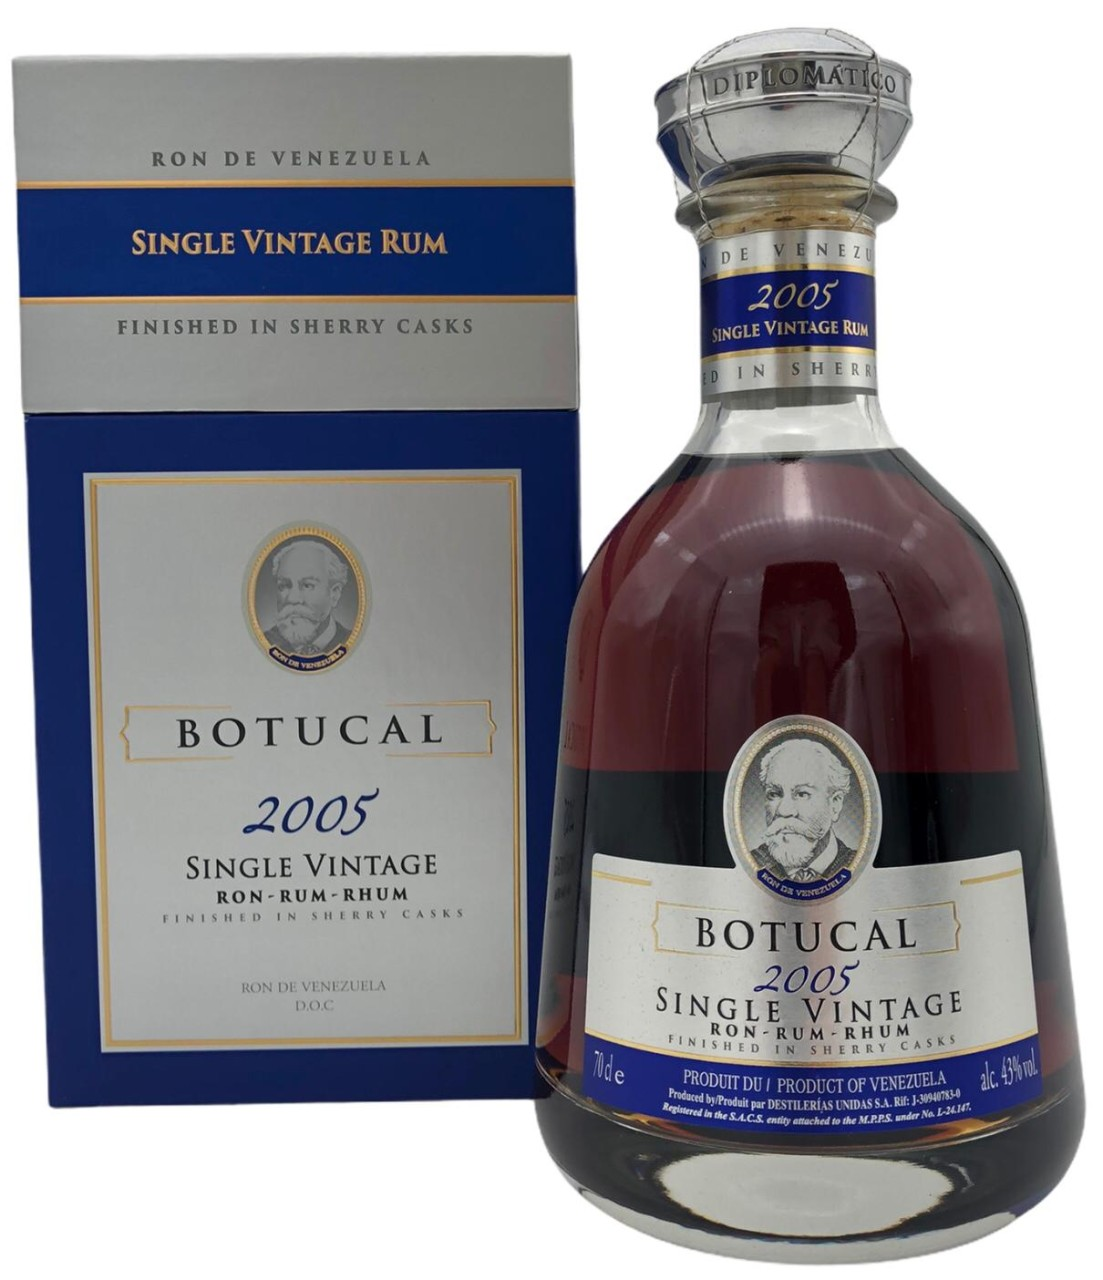 Botucal Rum Single Vintage 2005 43% - 700 ml